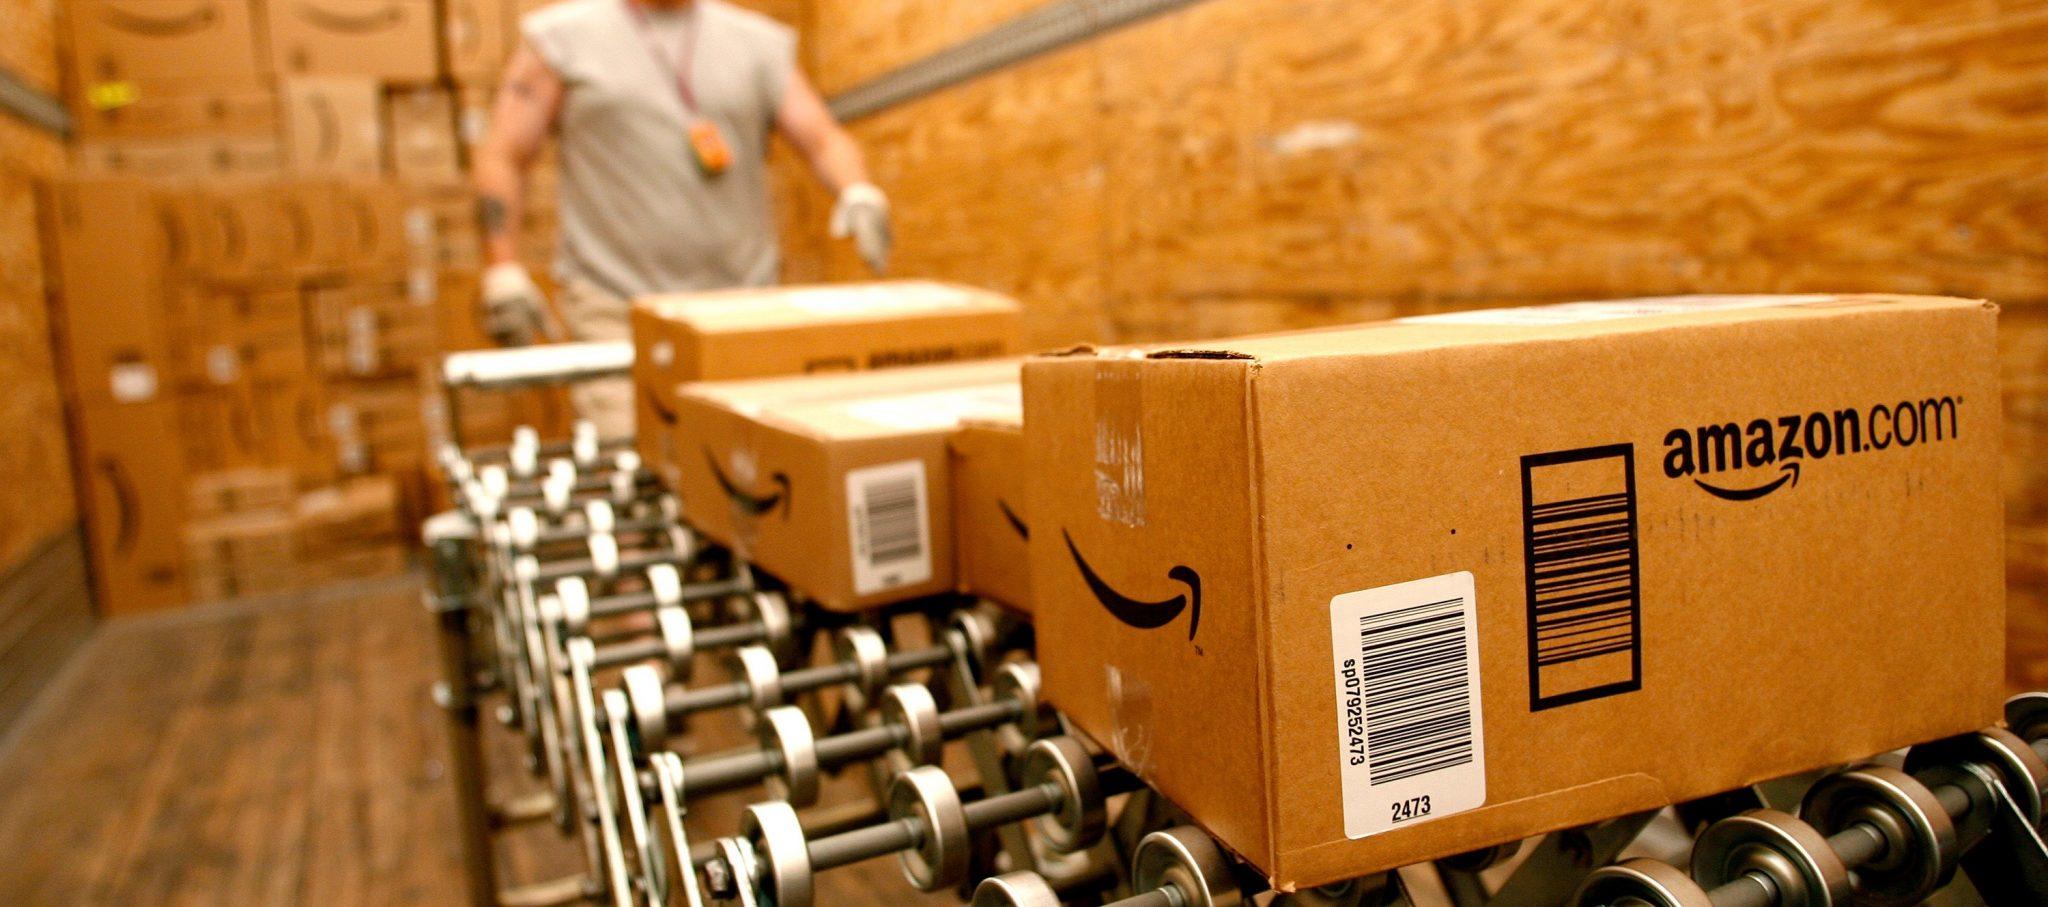 amazon trademark infringement lawsuit